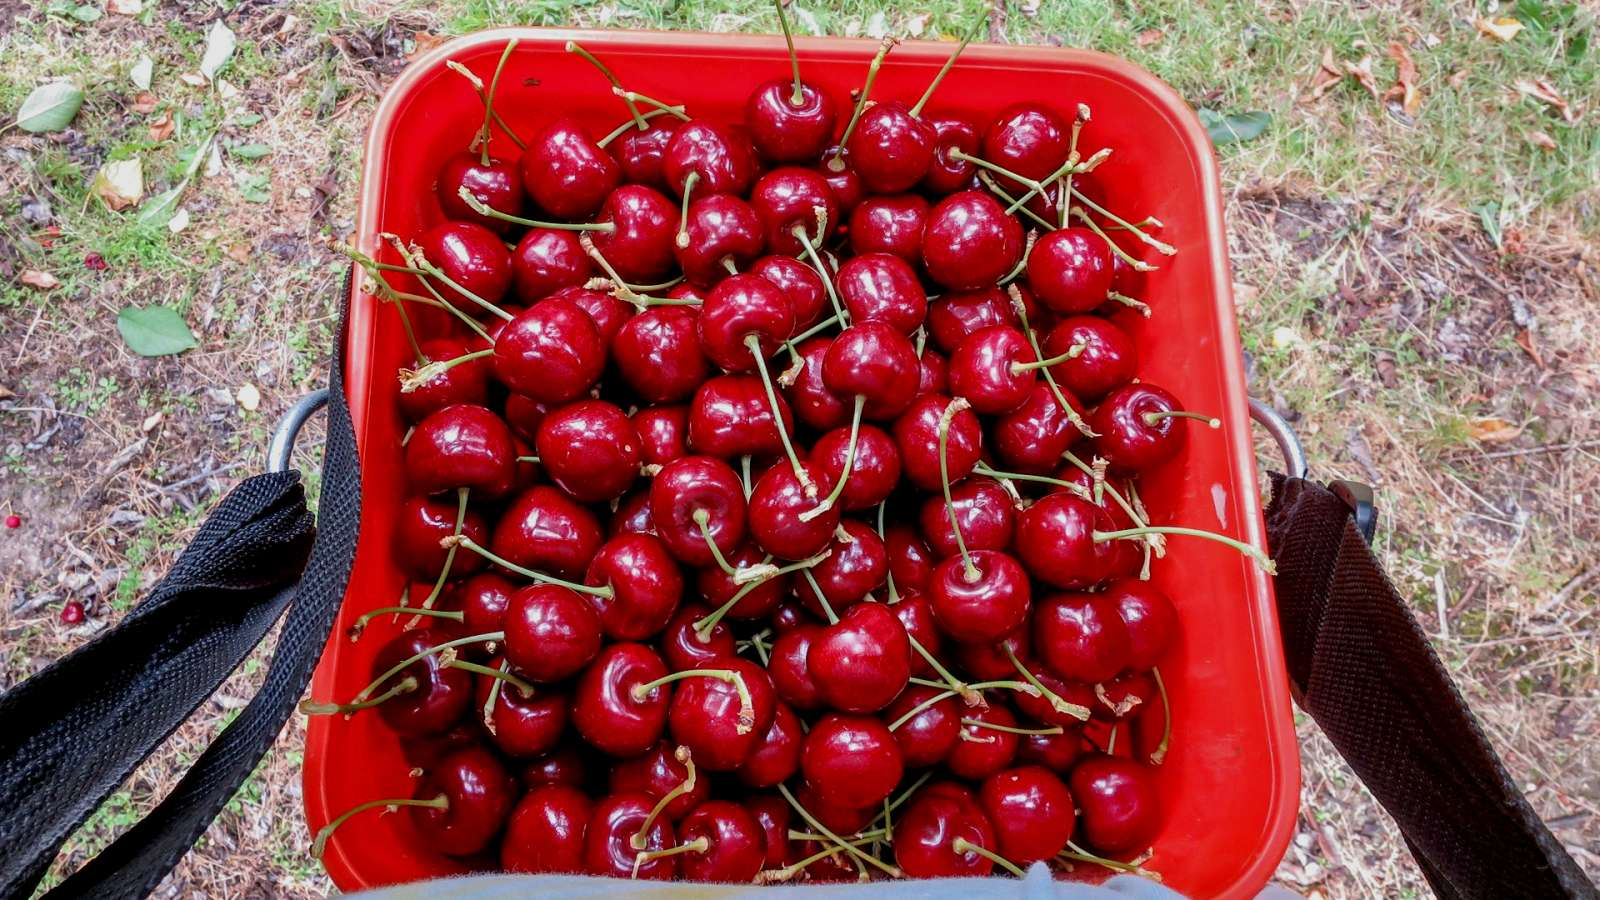 9. Naše první práce na sadu - cherry picking